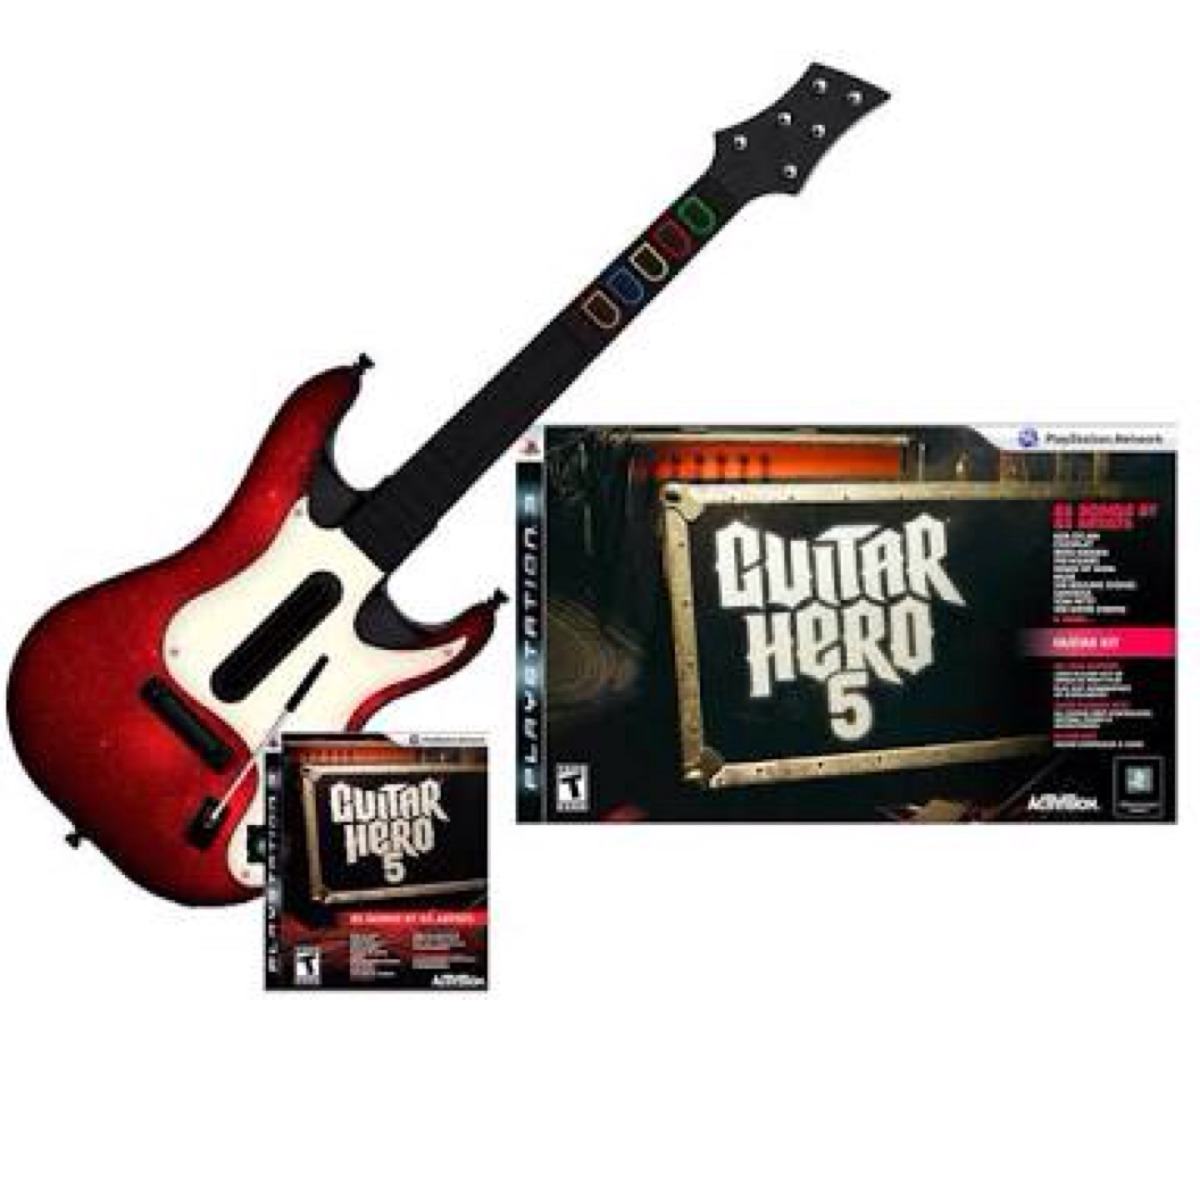 Guitar Hero 5 Para Ps3 (guitarra + Jogo) - R$ 280,00 no ...